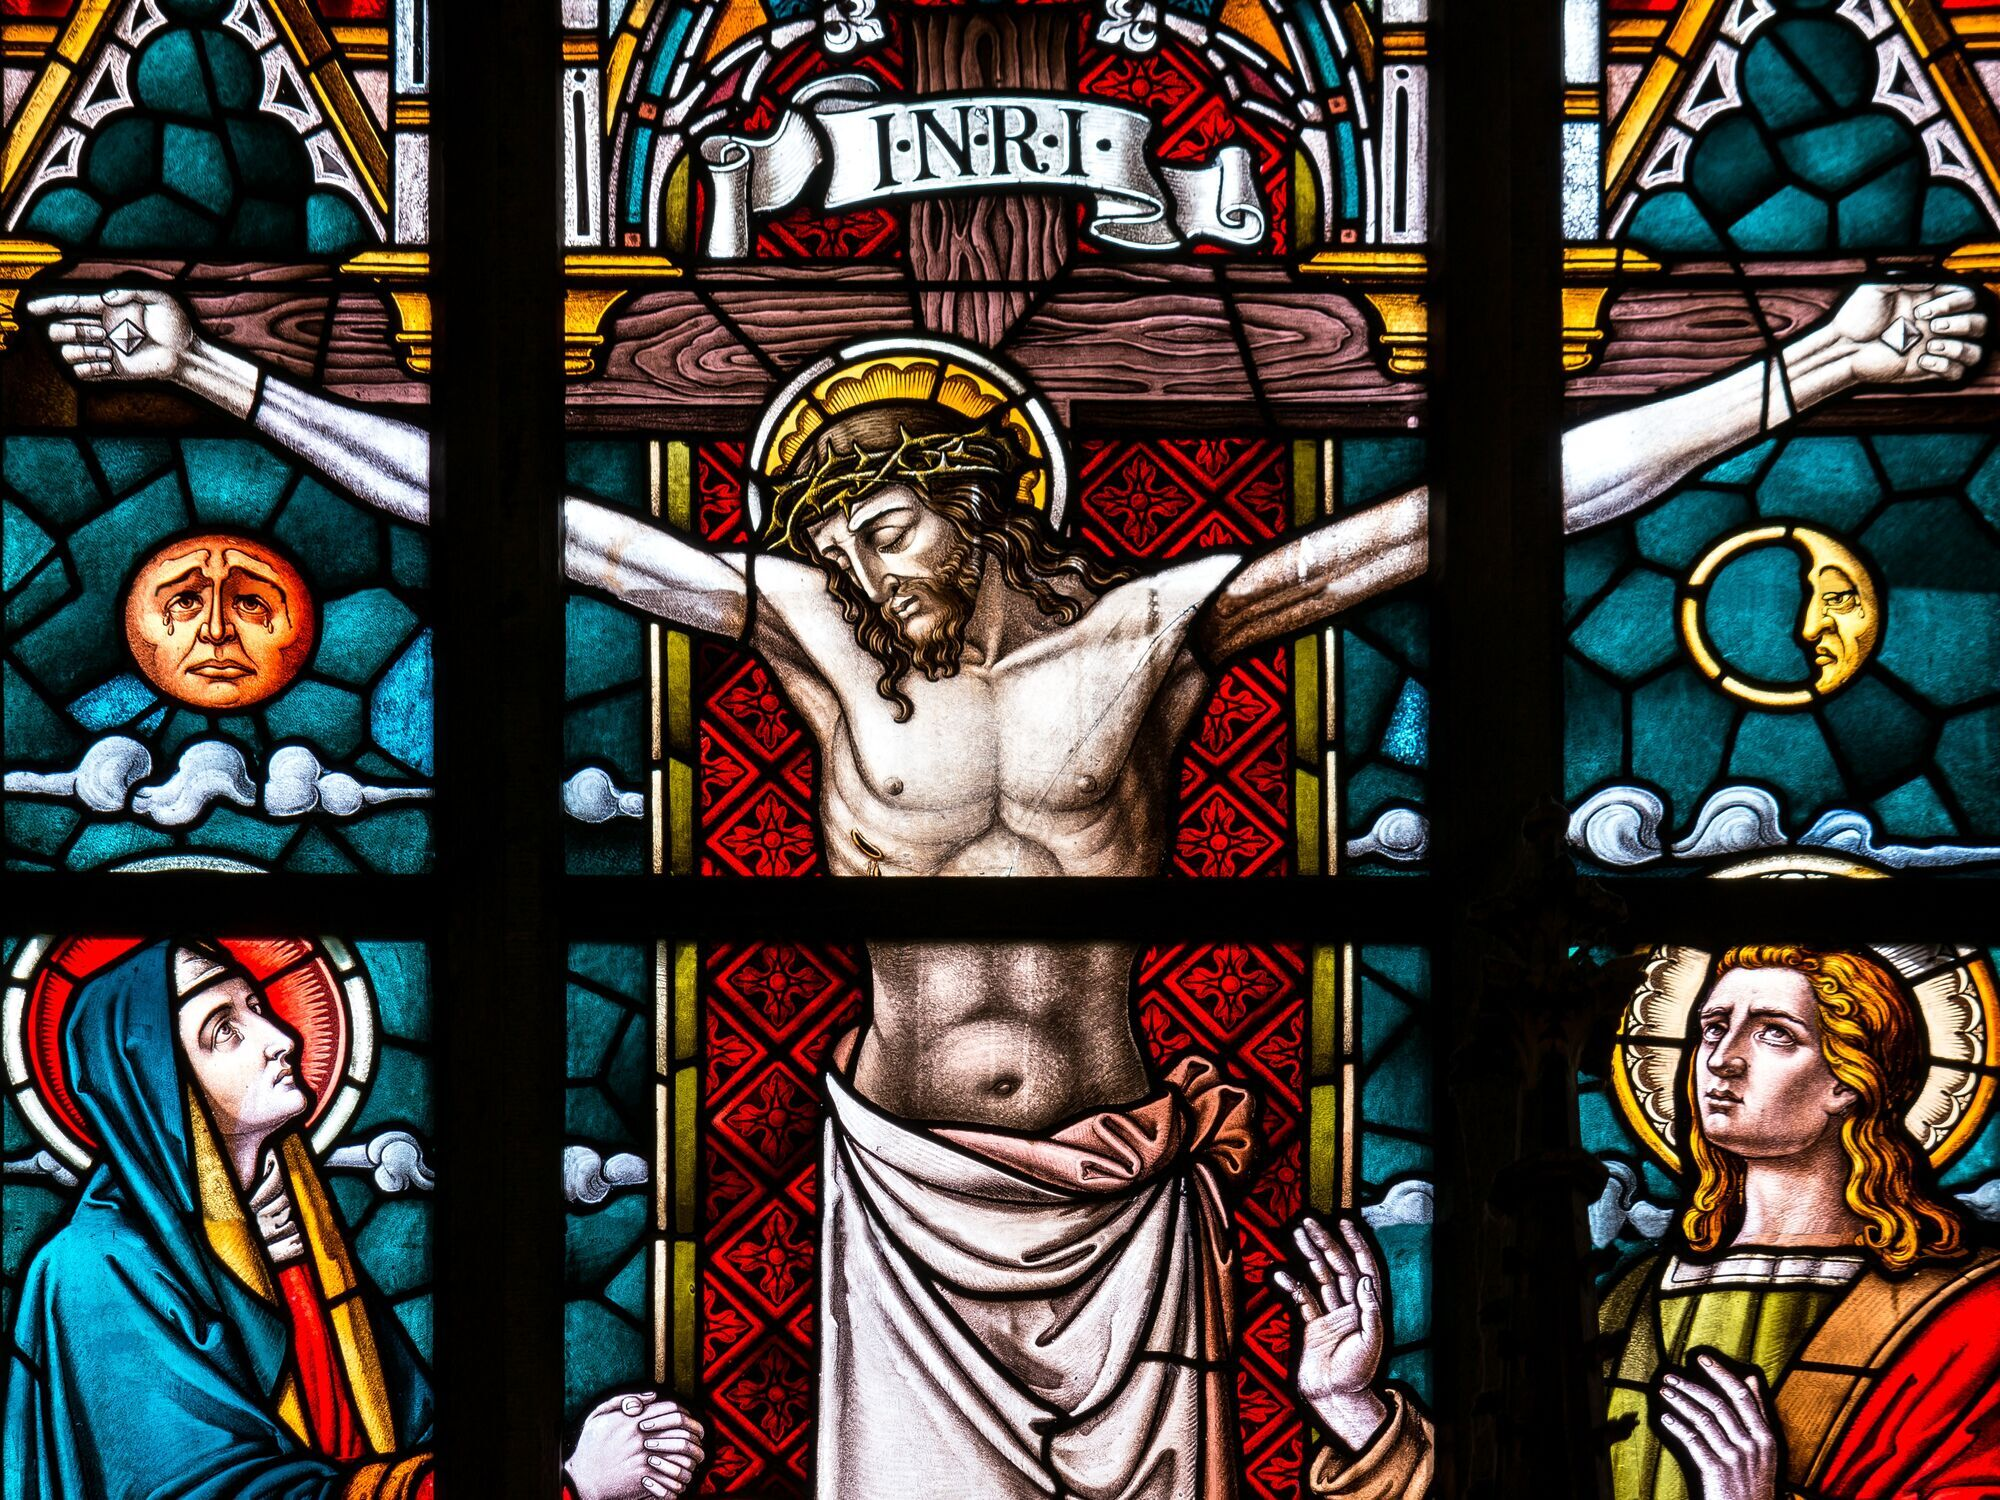 Свято Найсвятішого Серця Ісуса було встановлено в 19 столітті